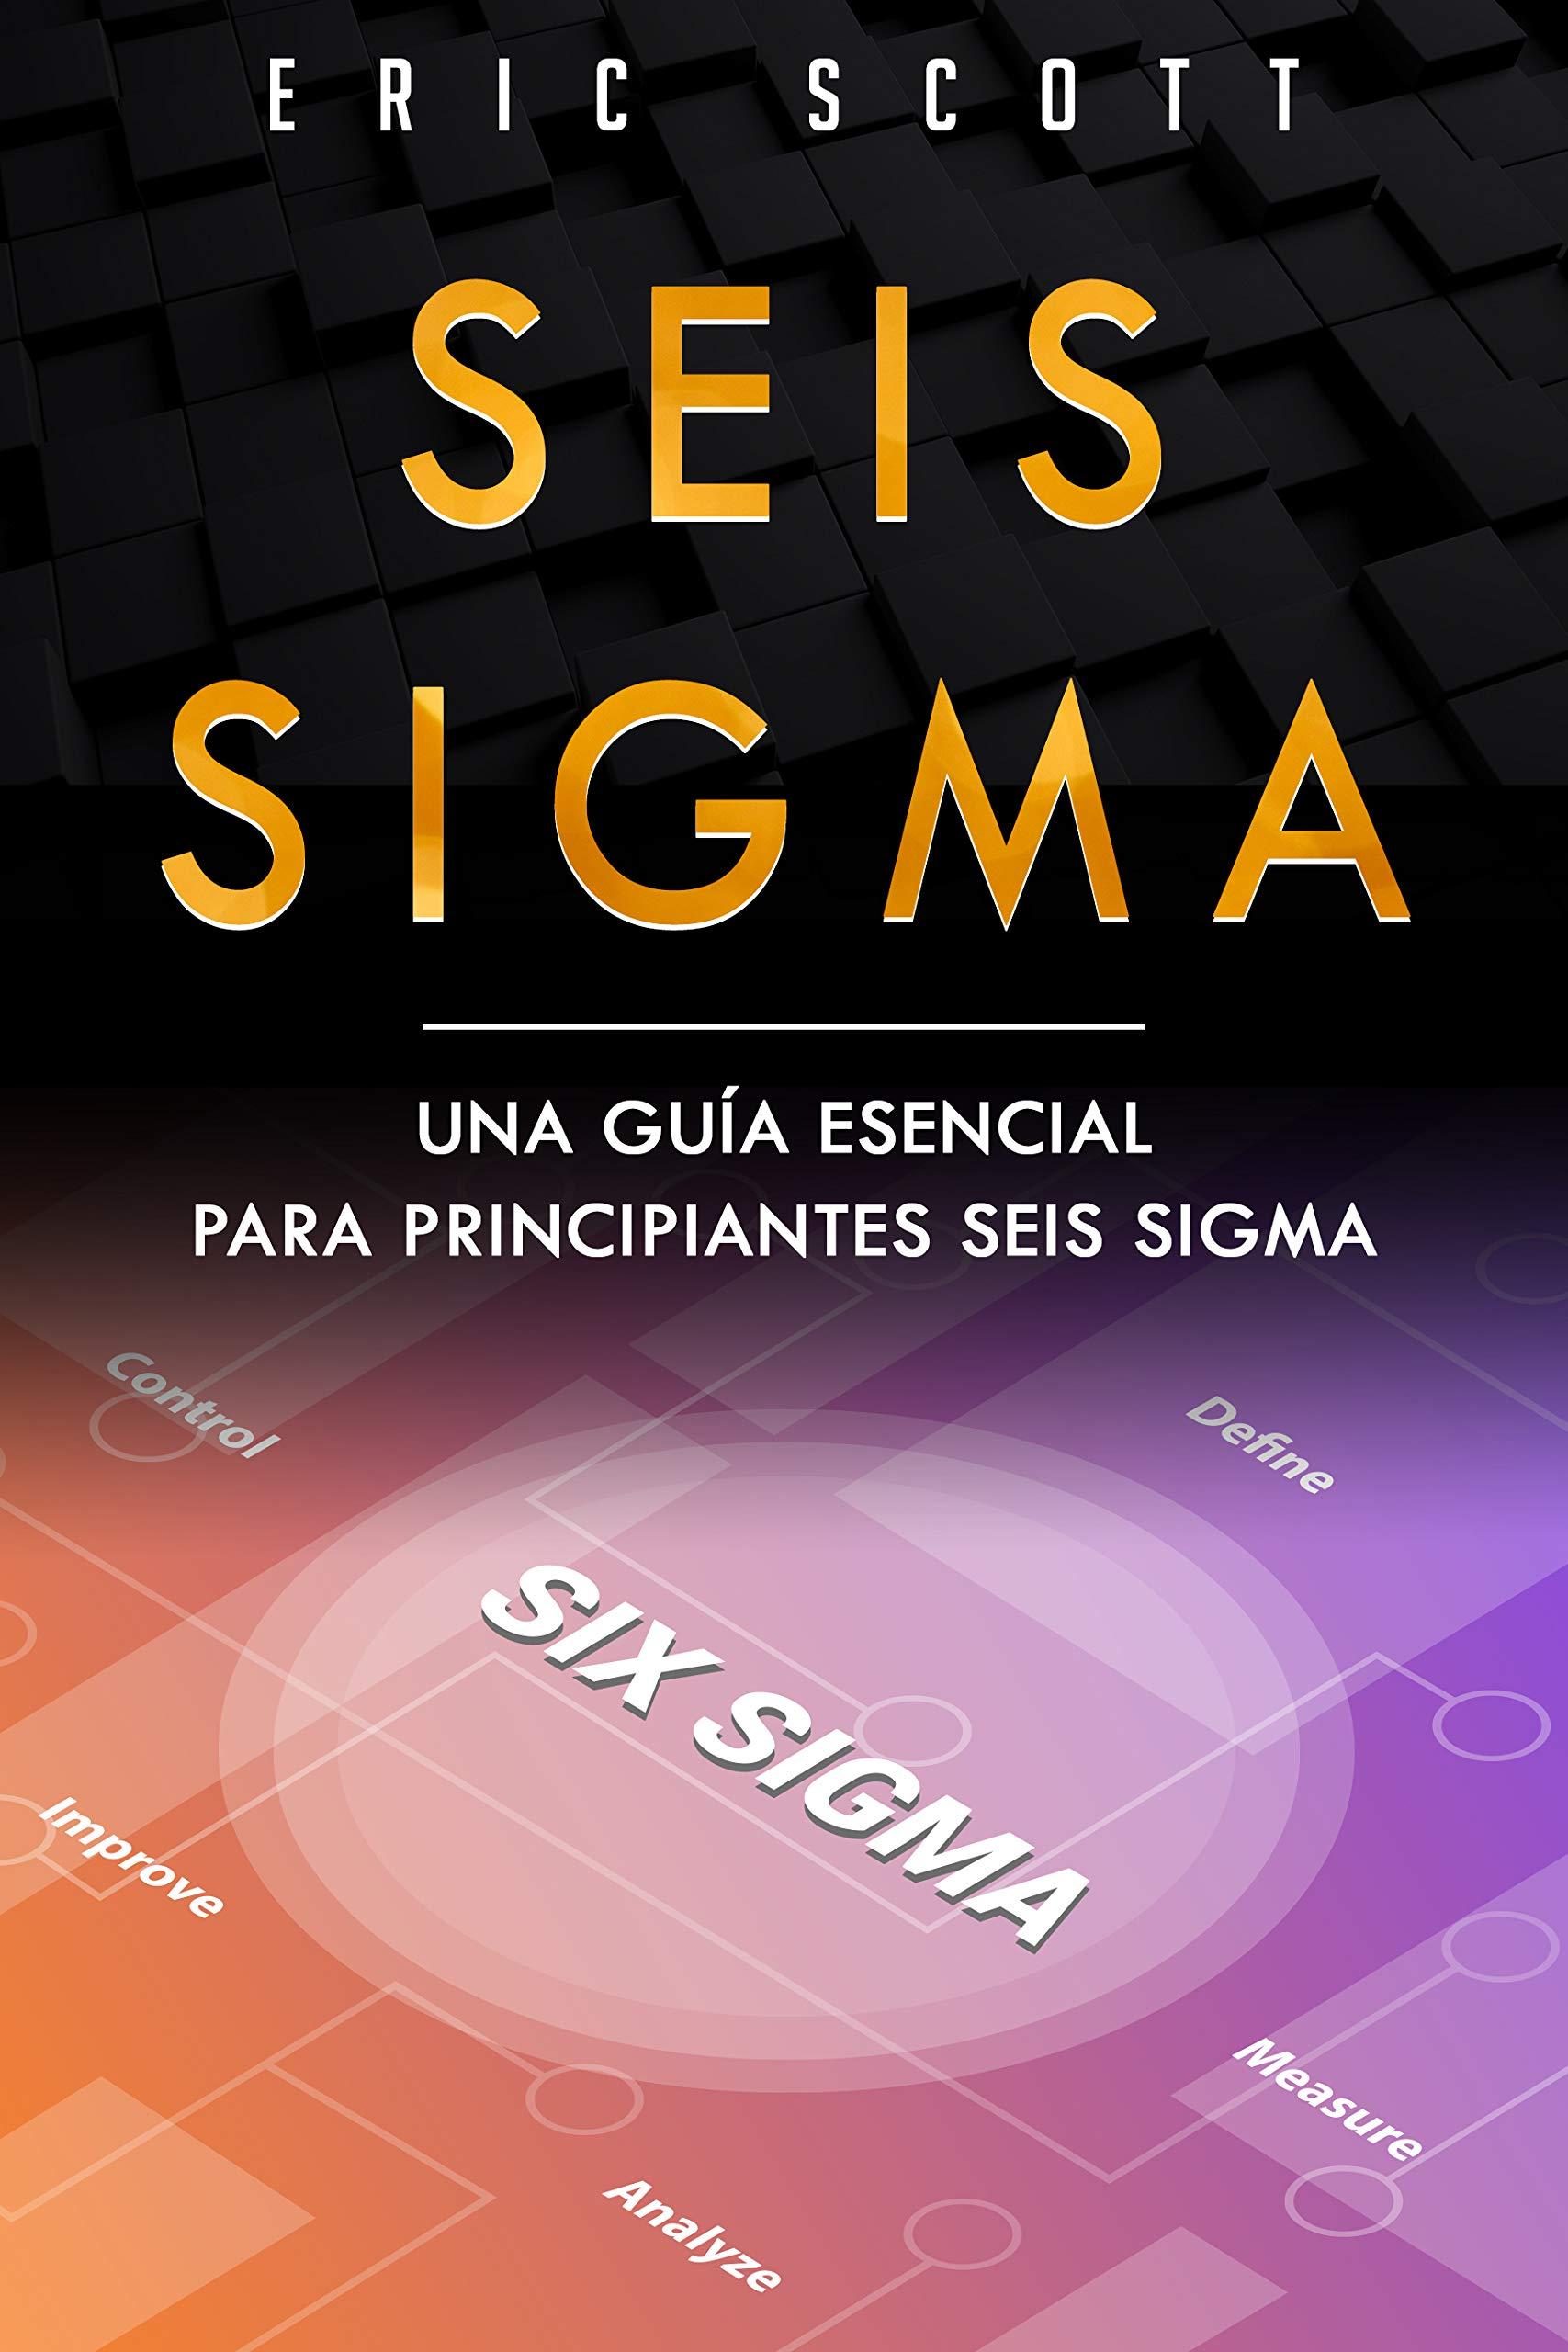 Seis Sigma: Una guía esencial para principiantes Seis Sigma (Six Sigma Spanish Edition)